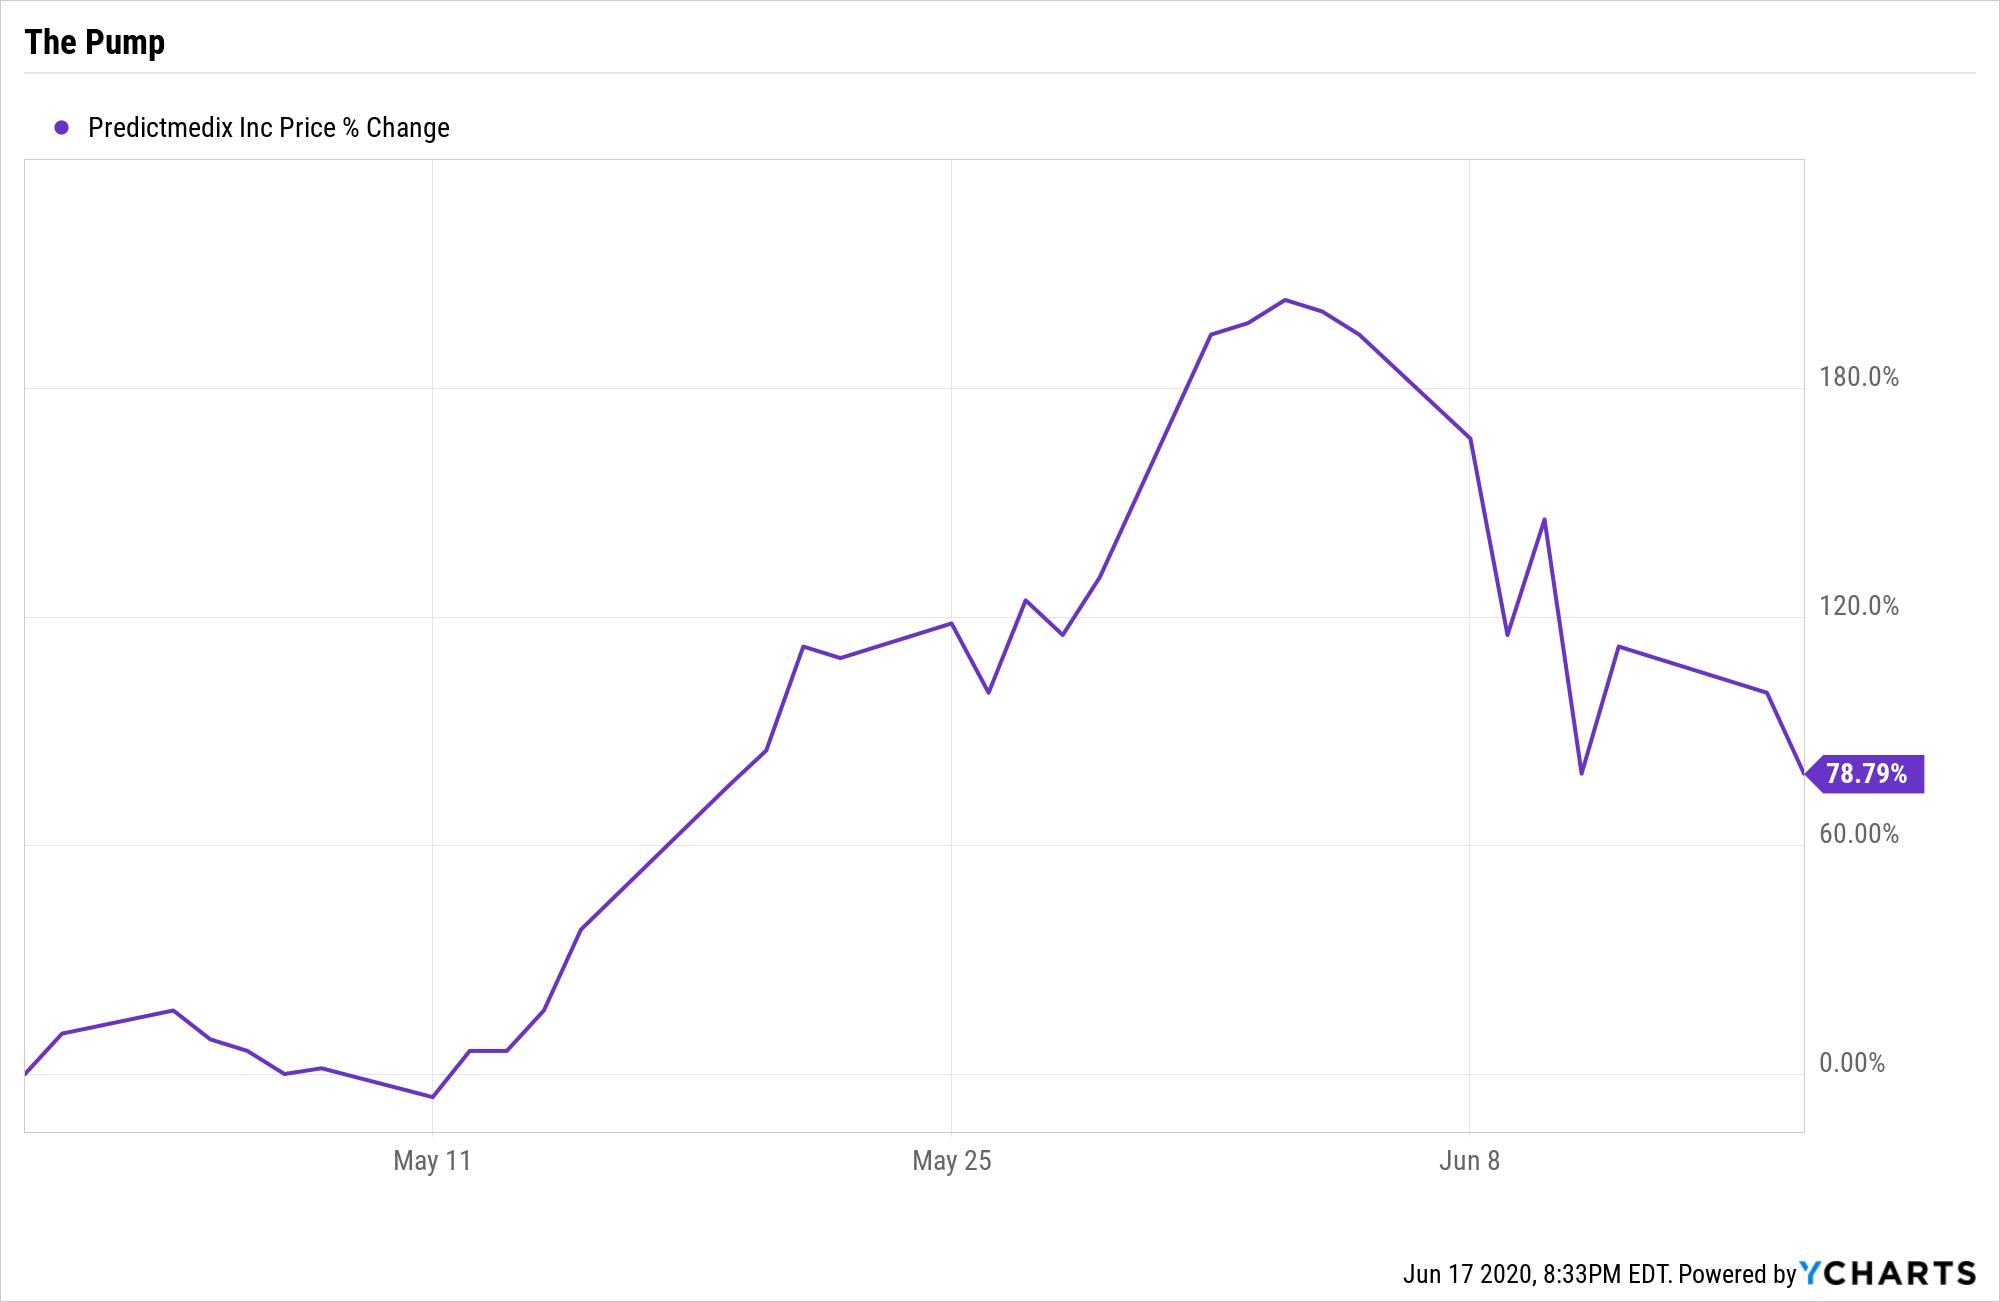 PMED Chart